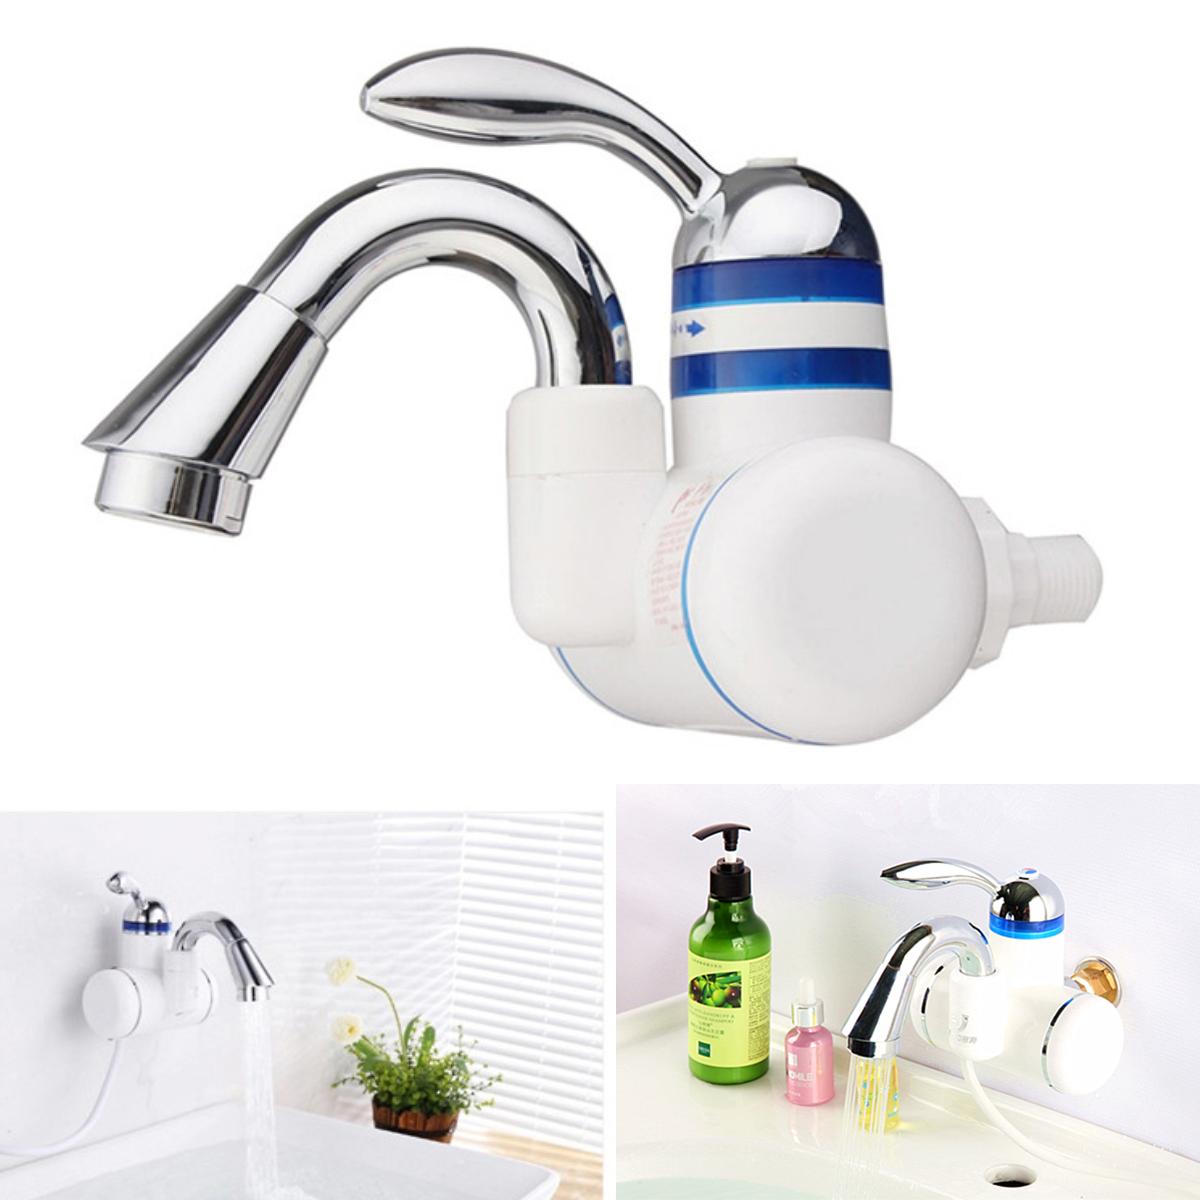 Bagno vasca da bagno rubinetto elettrico rubinetto a - Rubinetto chiusura acqua bagno ...